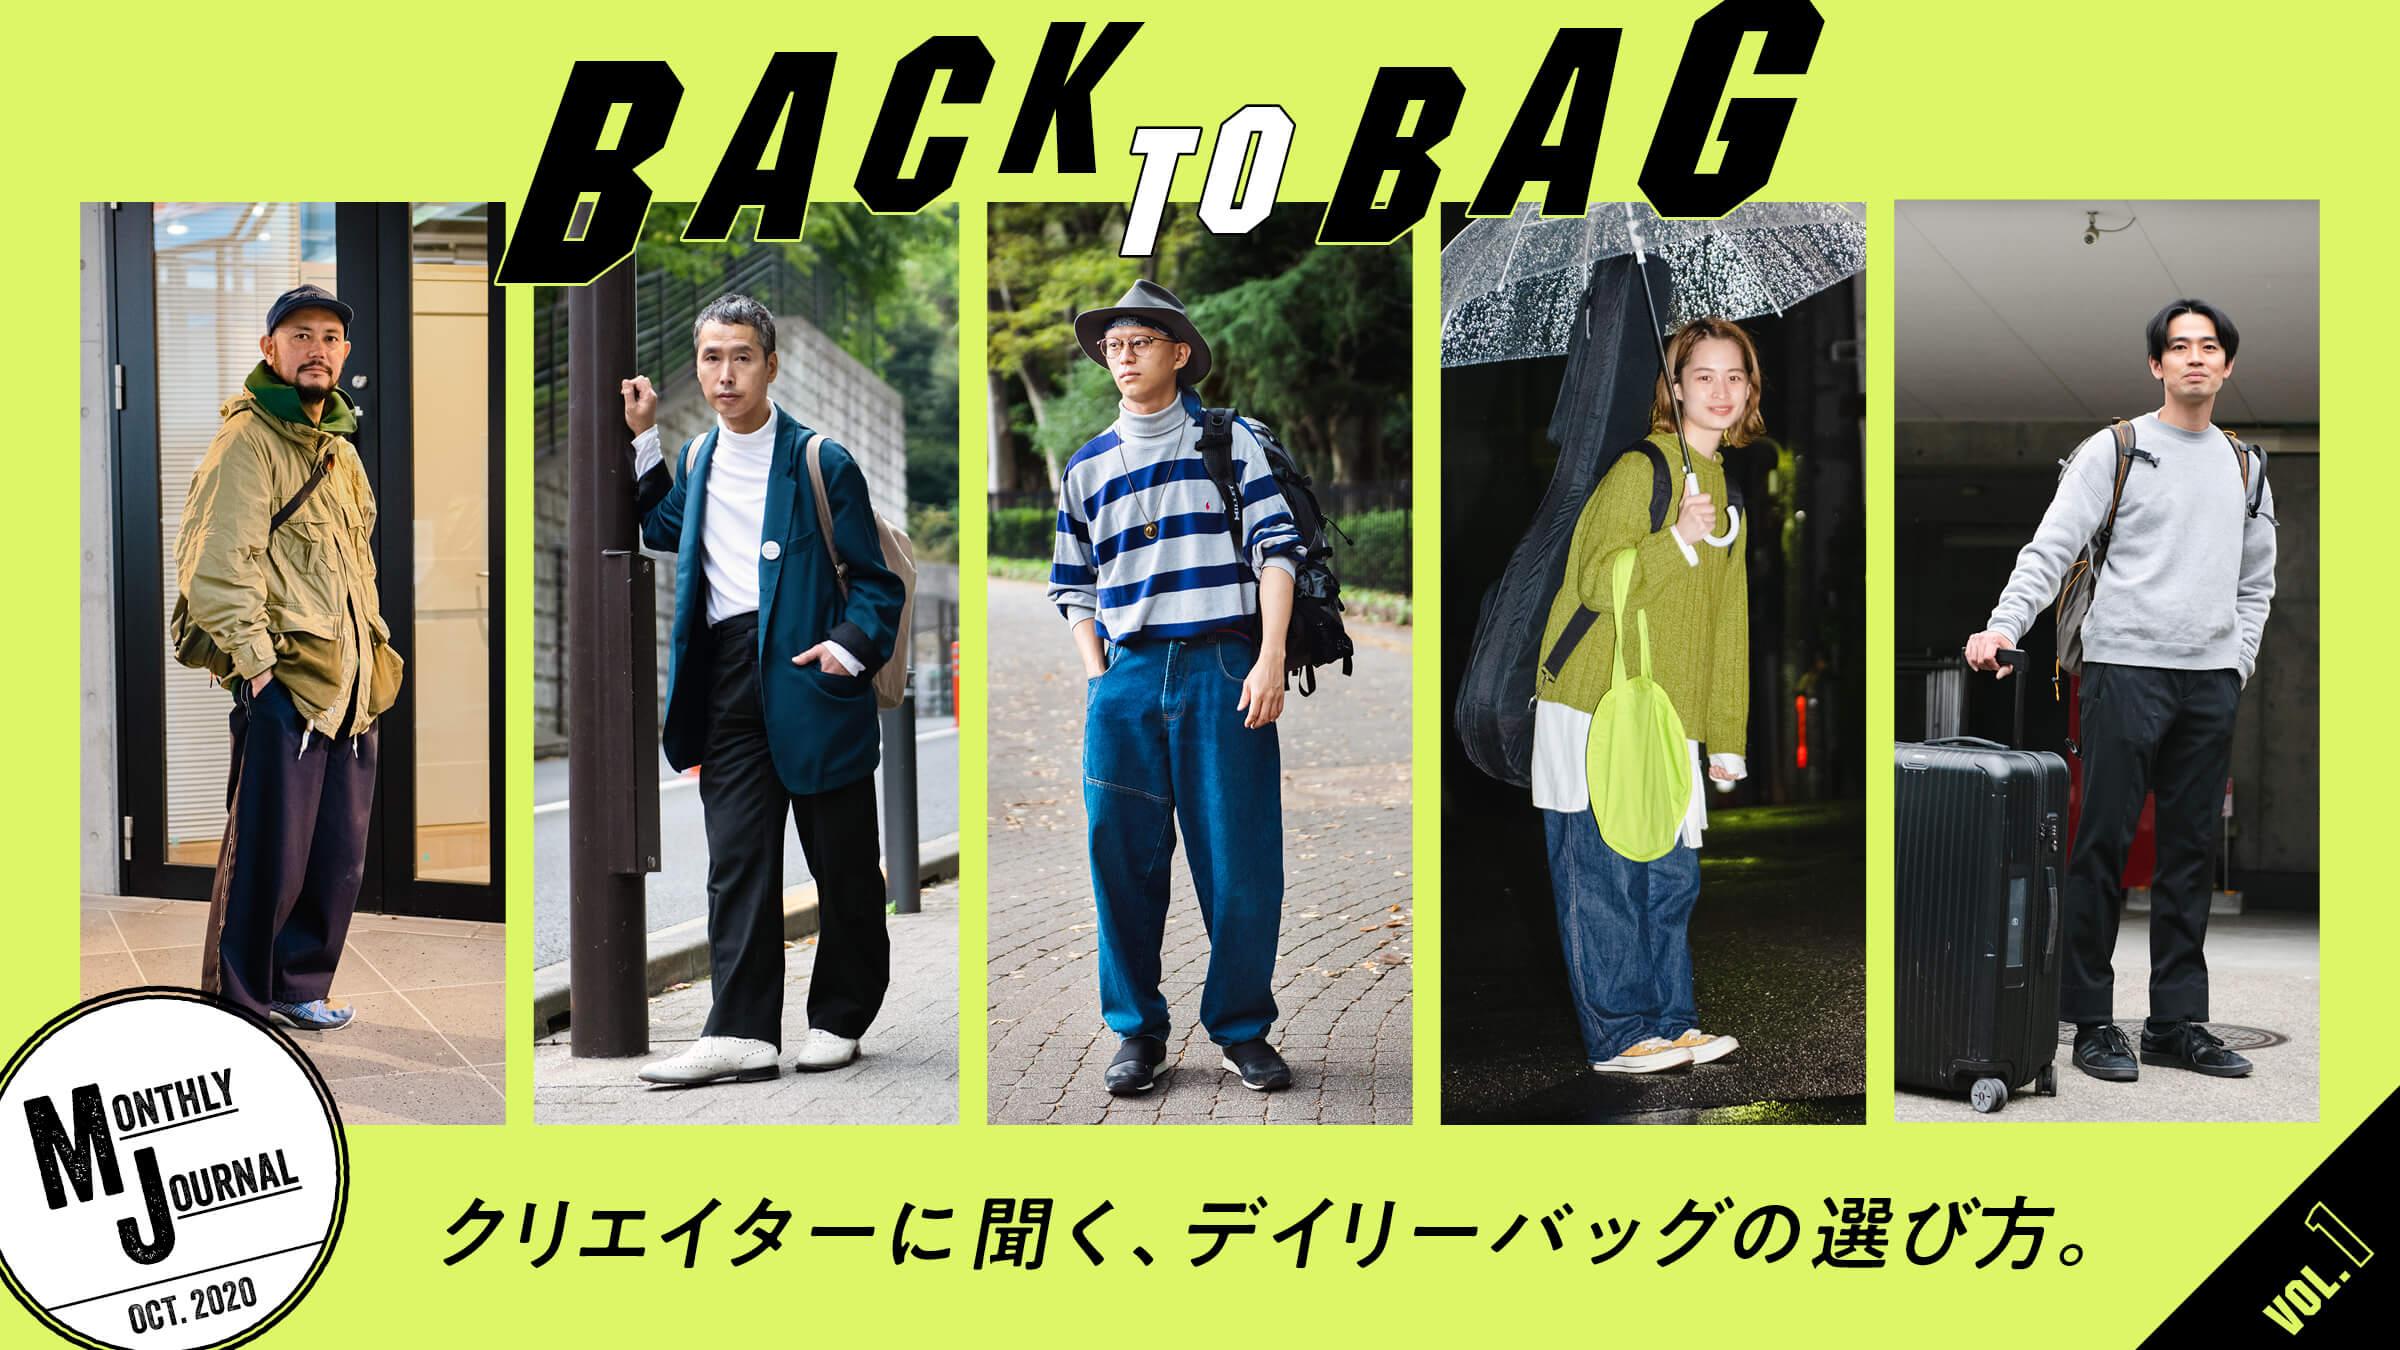 BACK TO BAG vol.1クリエイターに聞く、デイリーバッグの選び方。